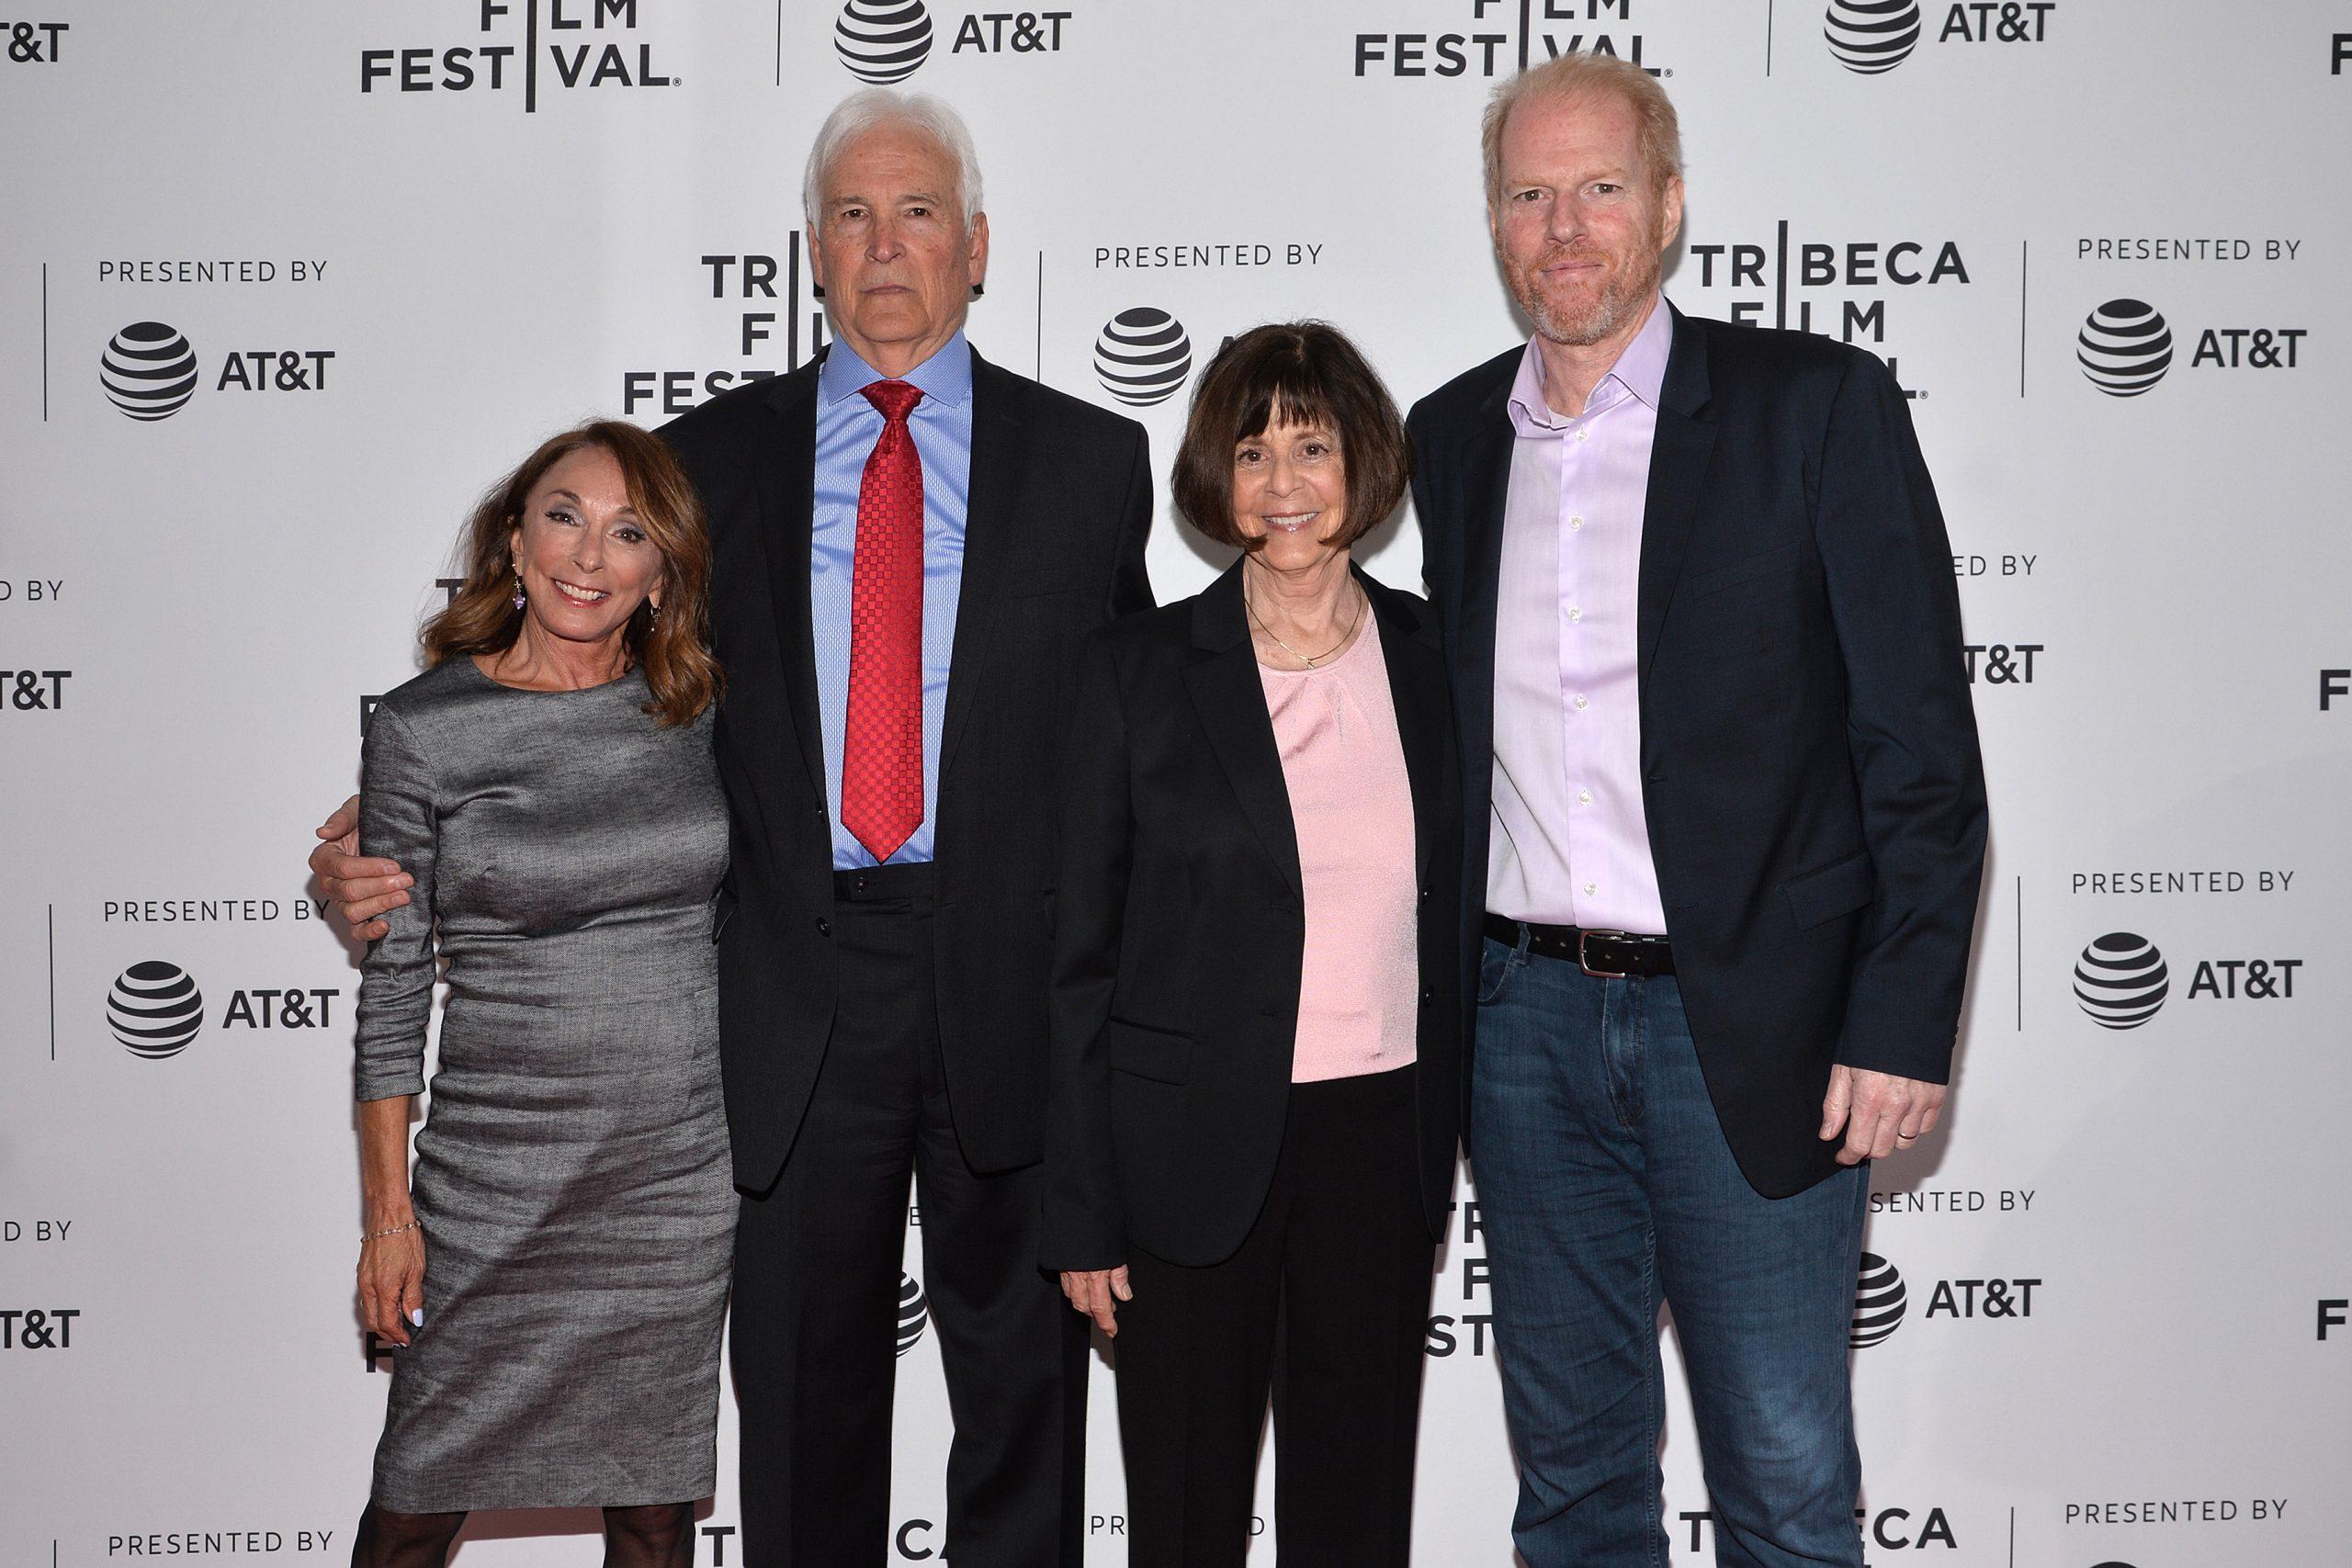 Photo of Lynda Obst,Jerry Jaax,Nancy Jaax,Noah Emmerich